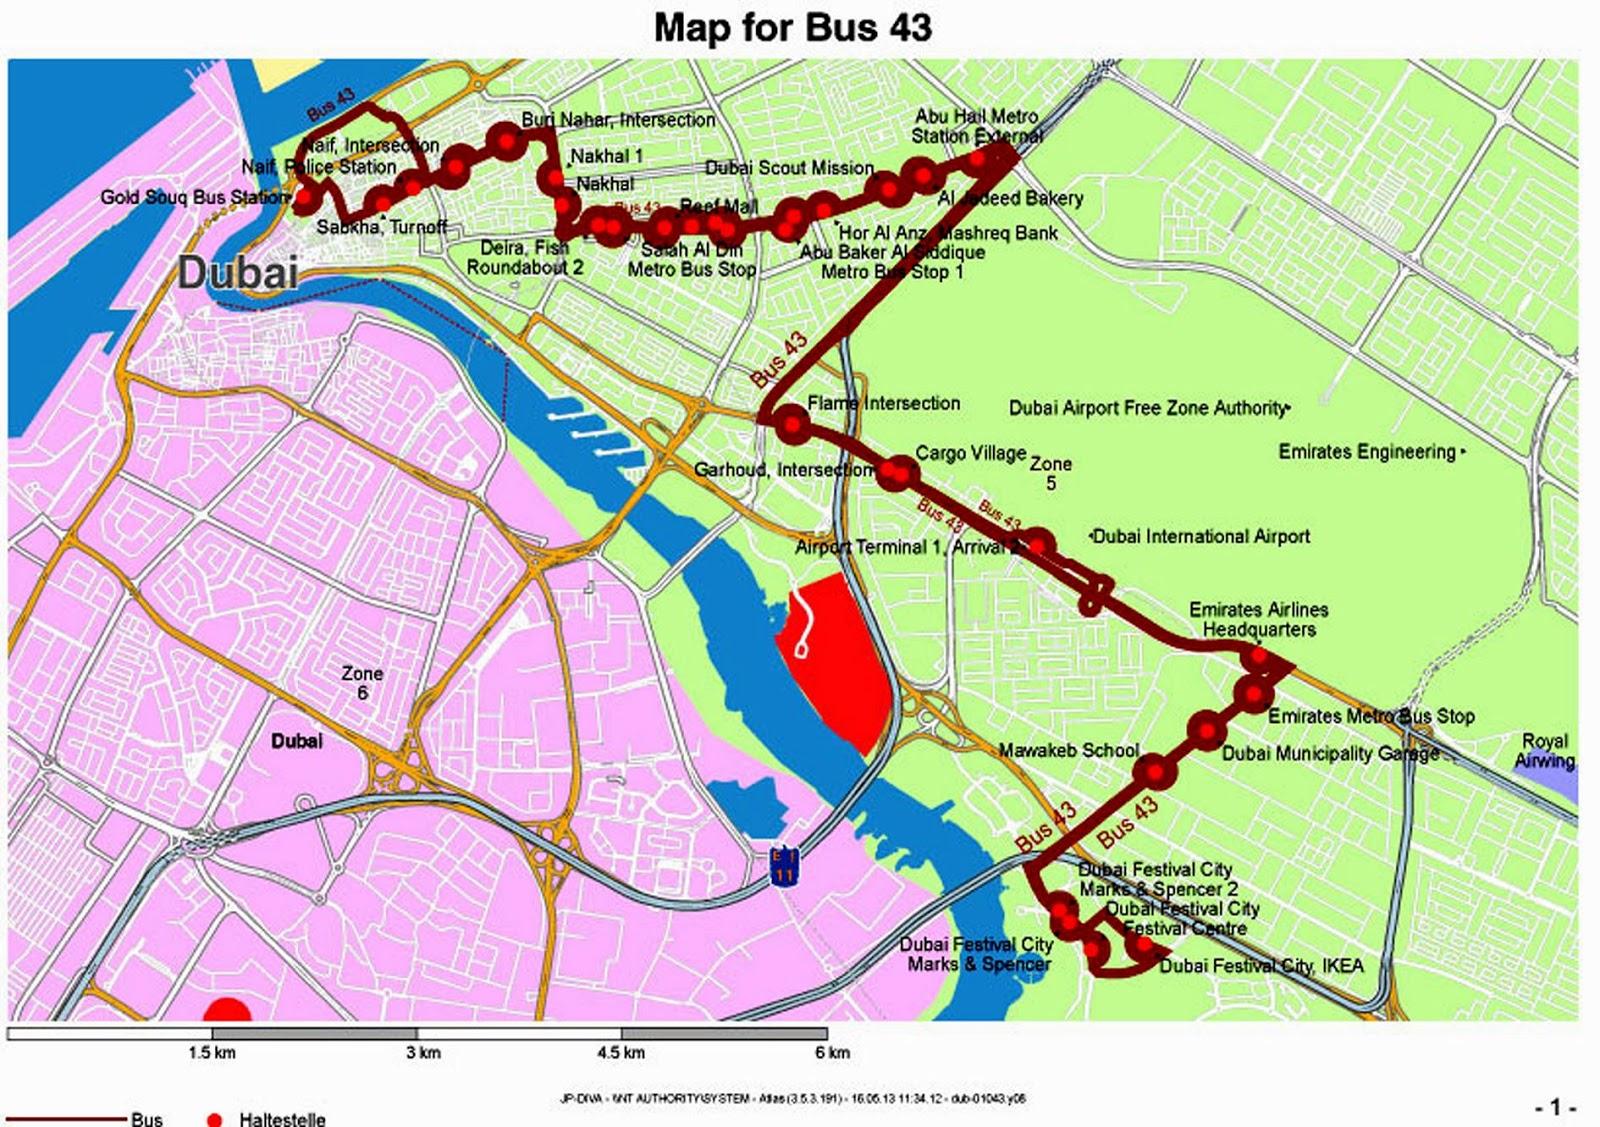 Dubai Constructions Update by Imre Solt RTA Launches New Public Bus